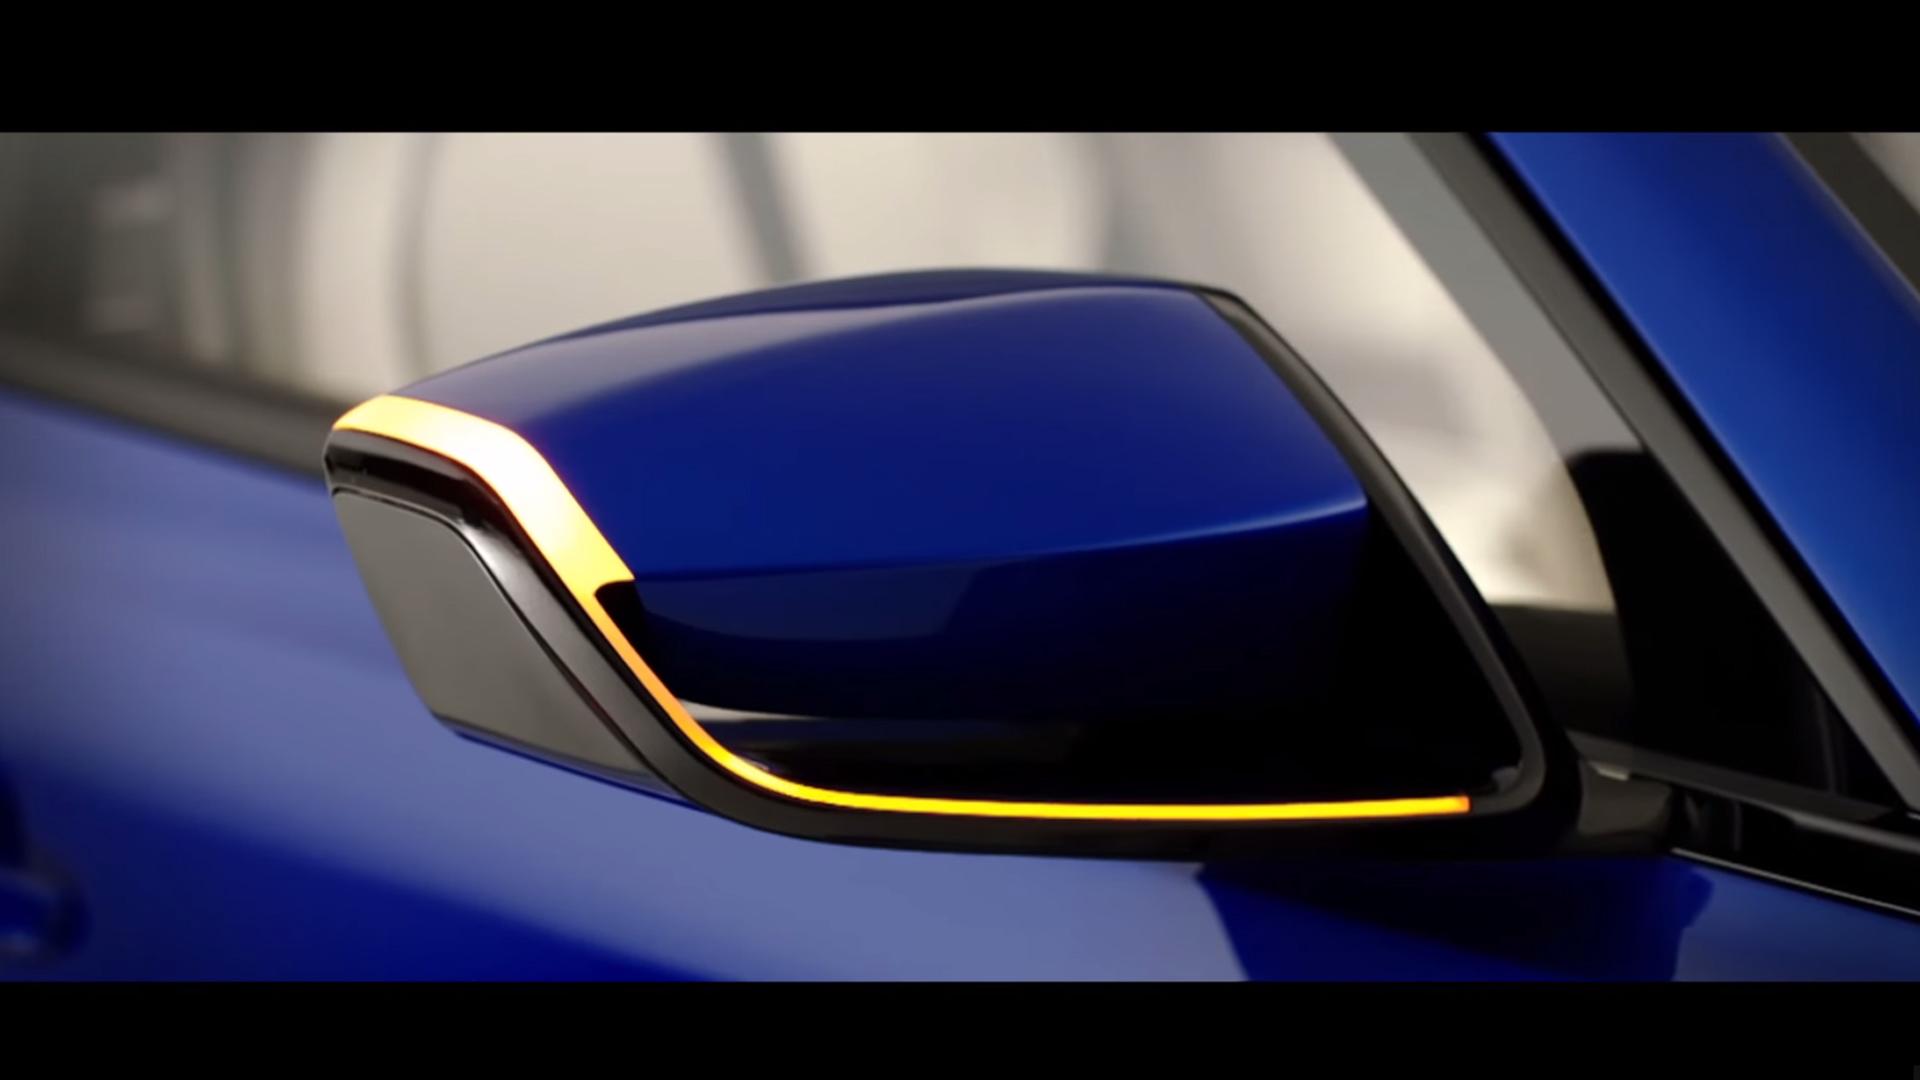 Jaguar F-PACE - rétroviseur extérieur avec clignotant / outside rear-view-mirror with turn signal - teaser